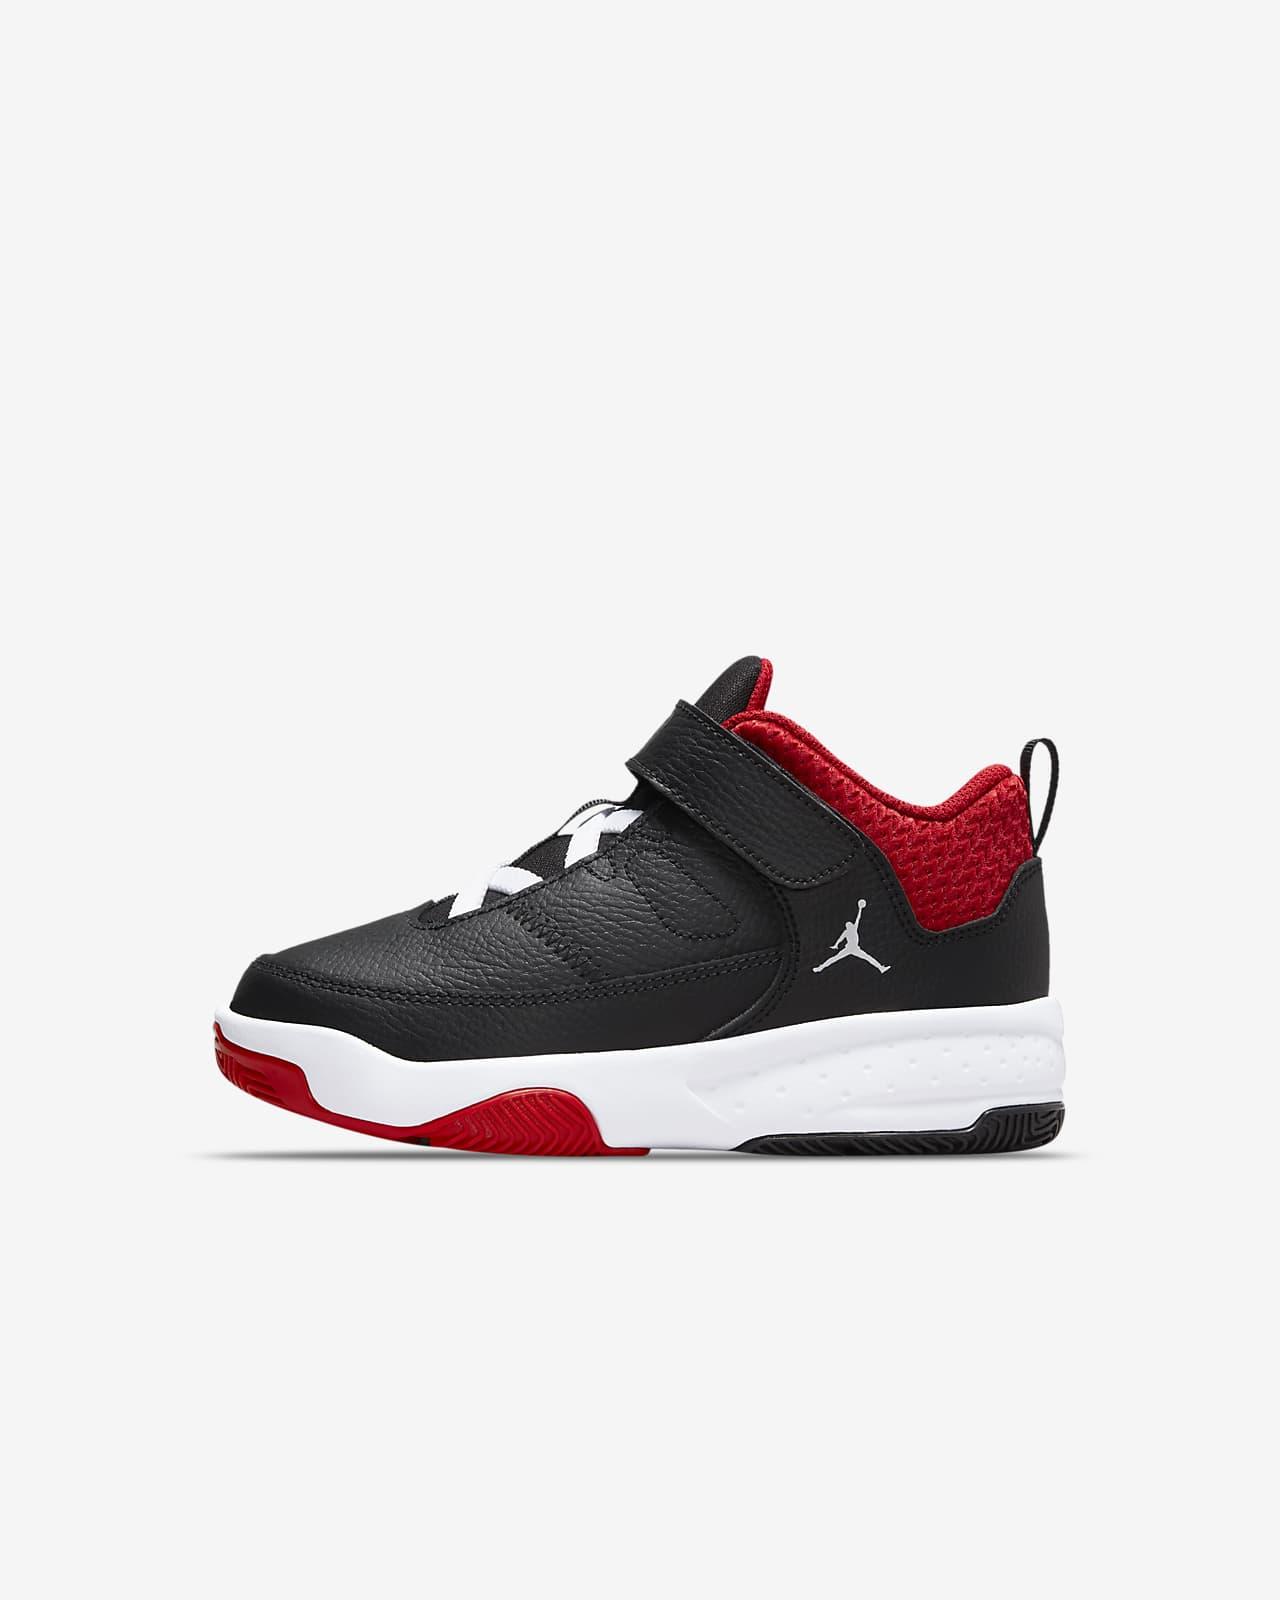 Jordan Max Aura 3 Küçük Çocuk Ayakkabısı